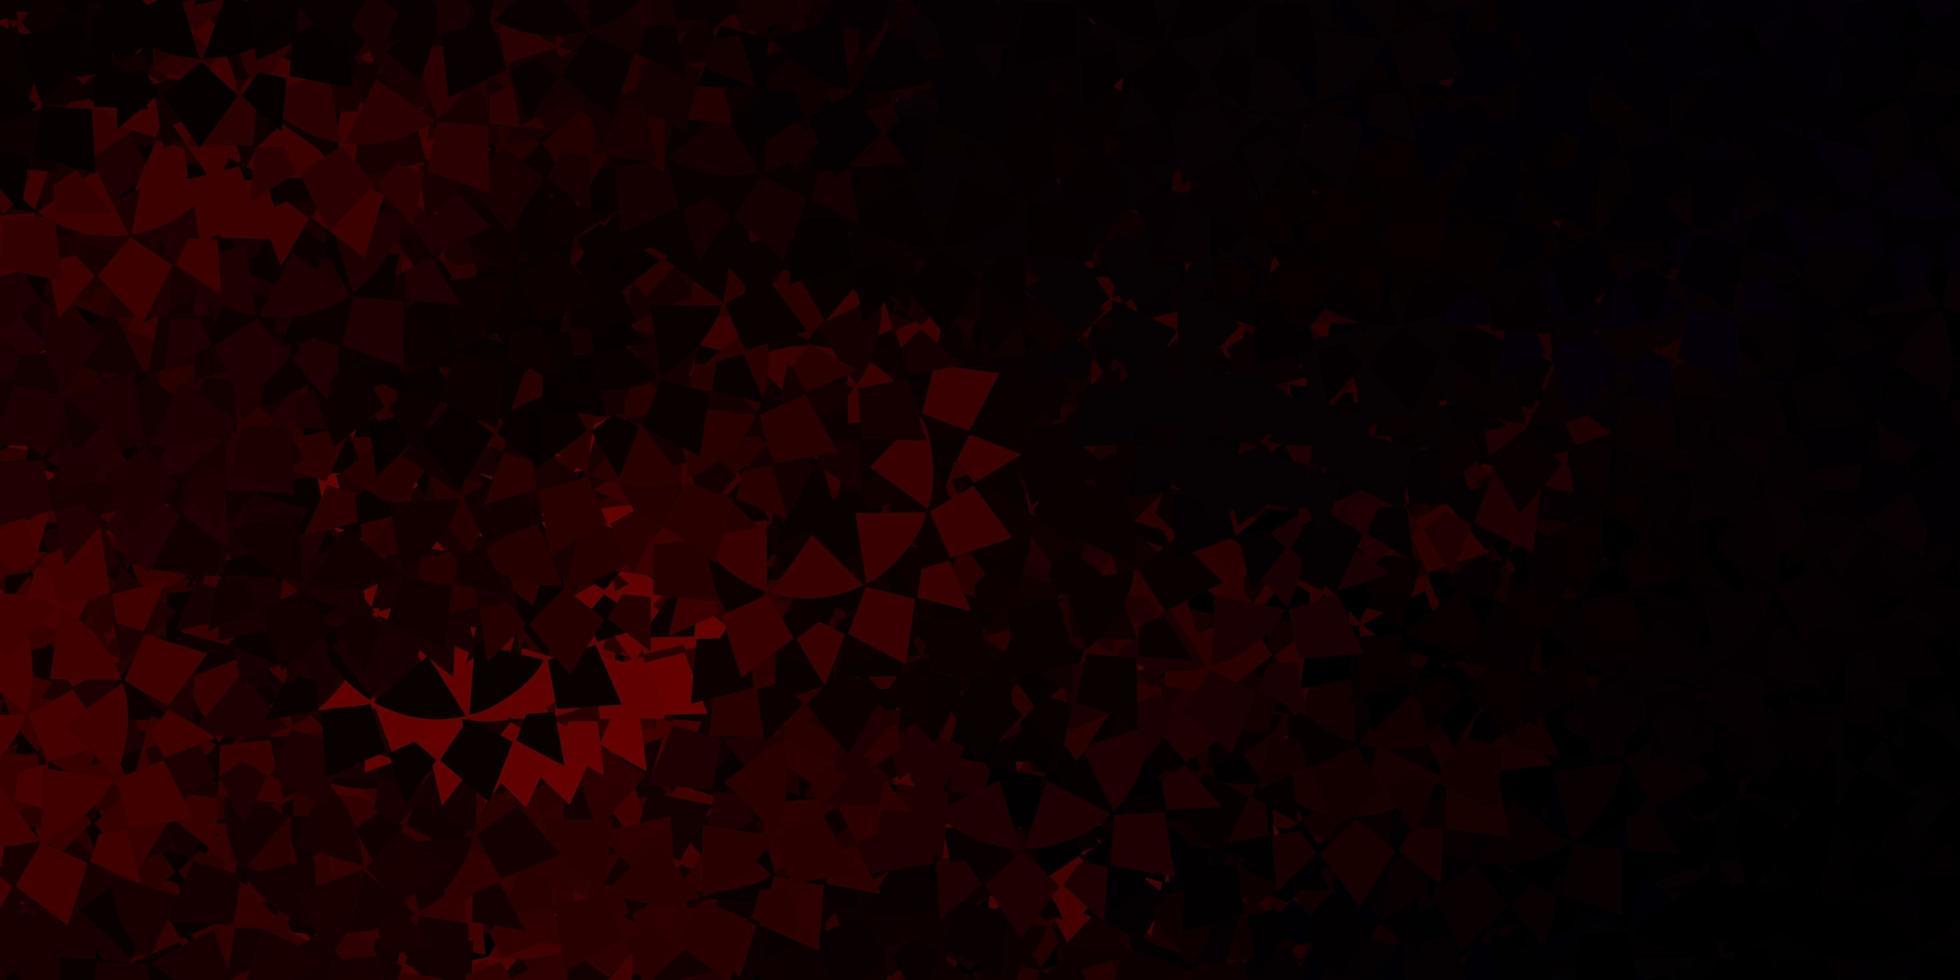 padrão de vetor vermelho escuro com formas poligonais.